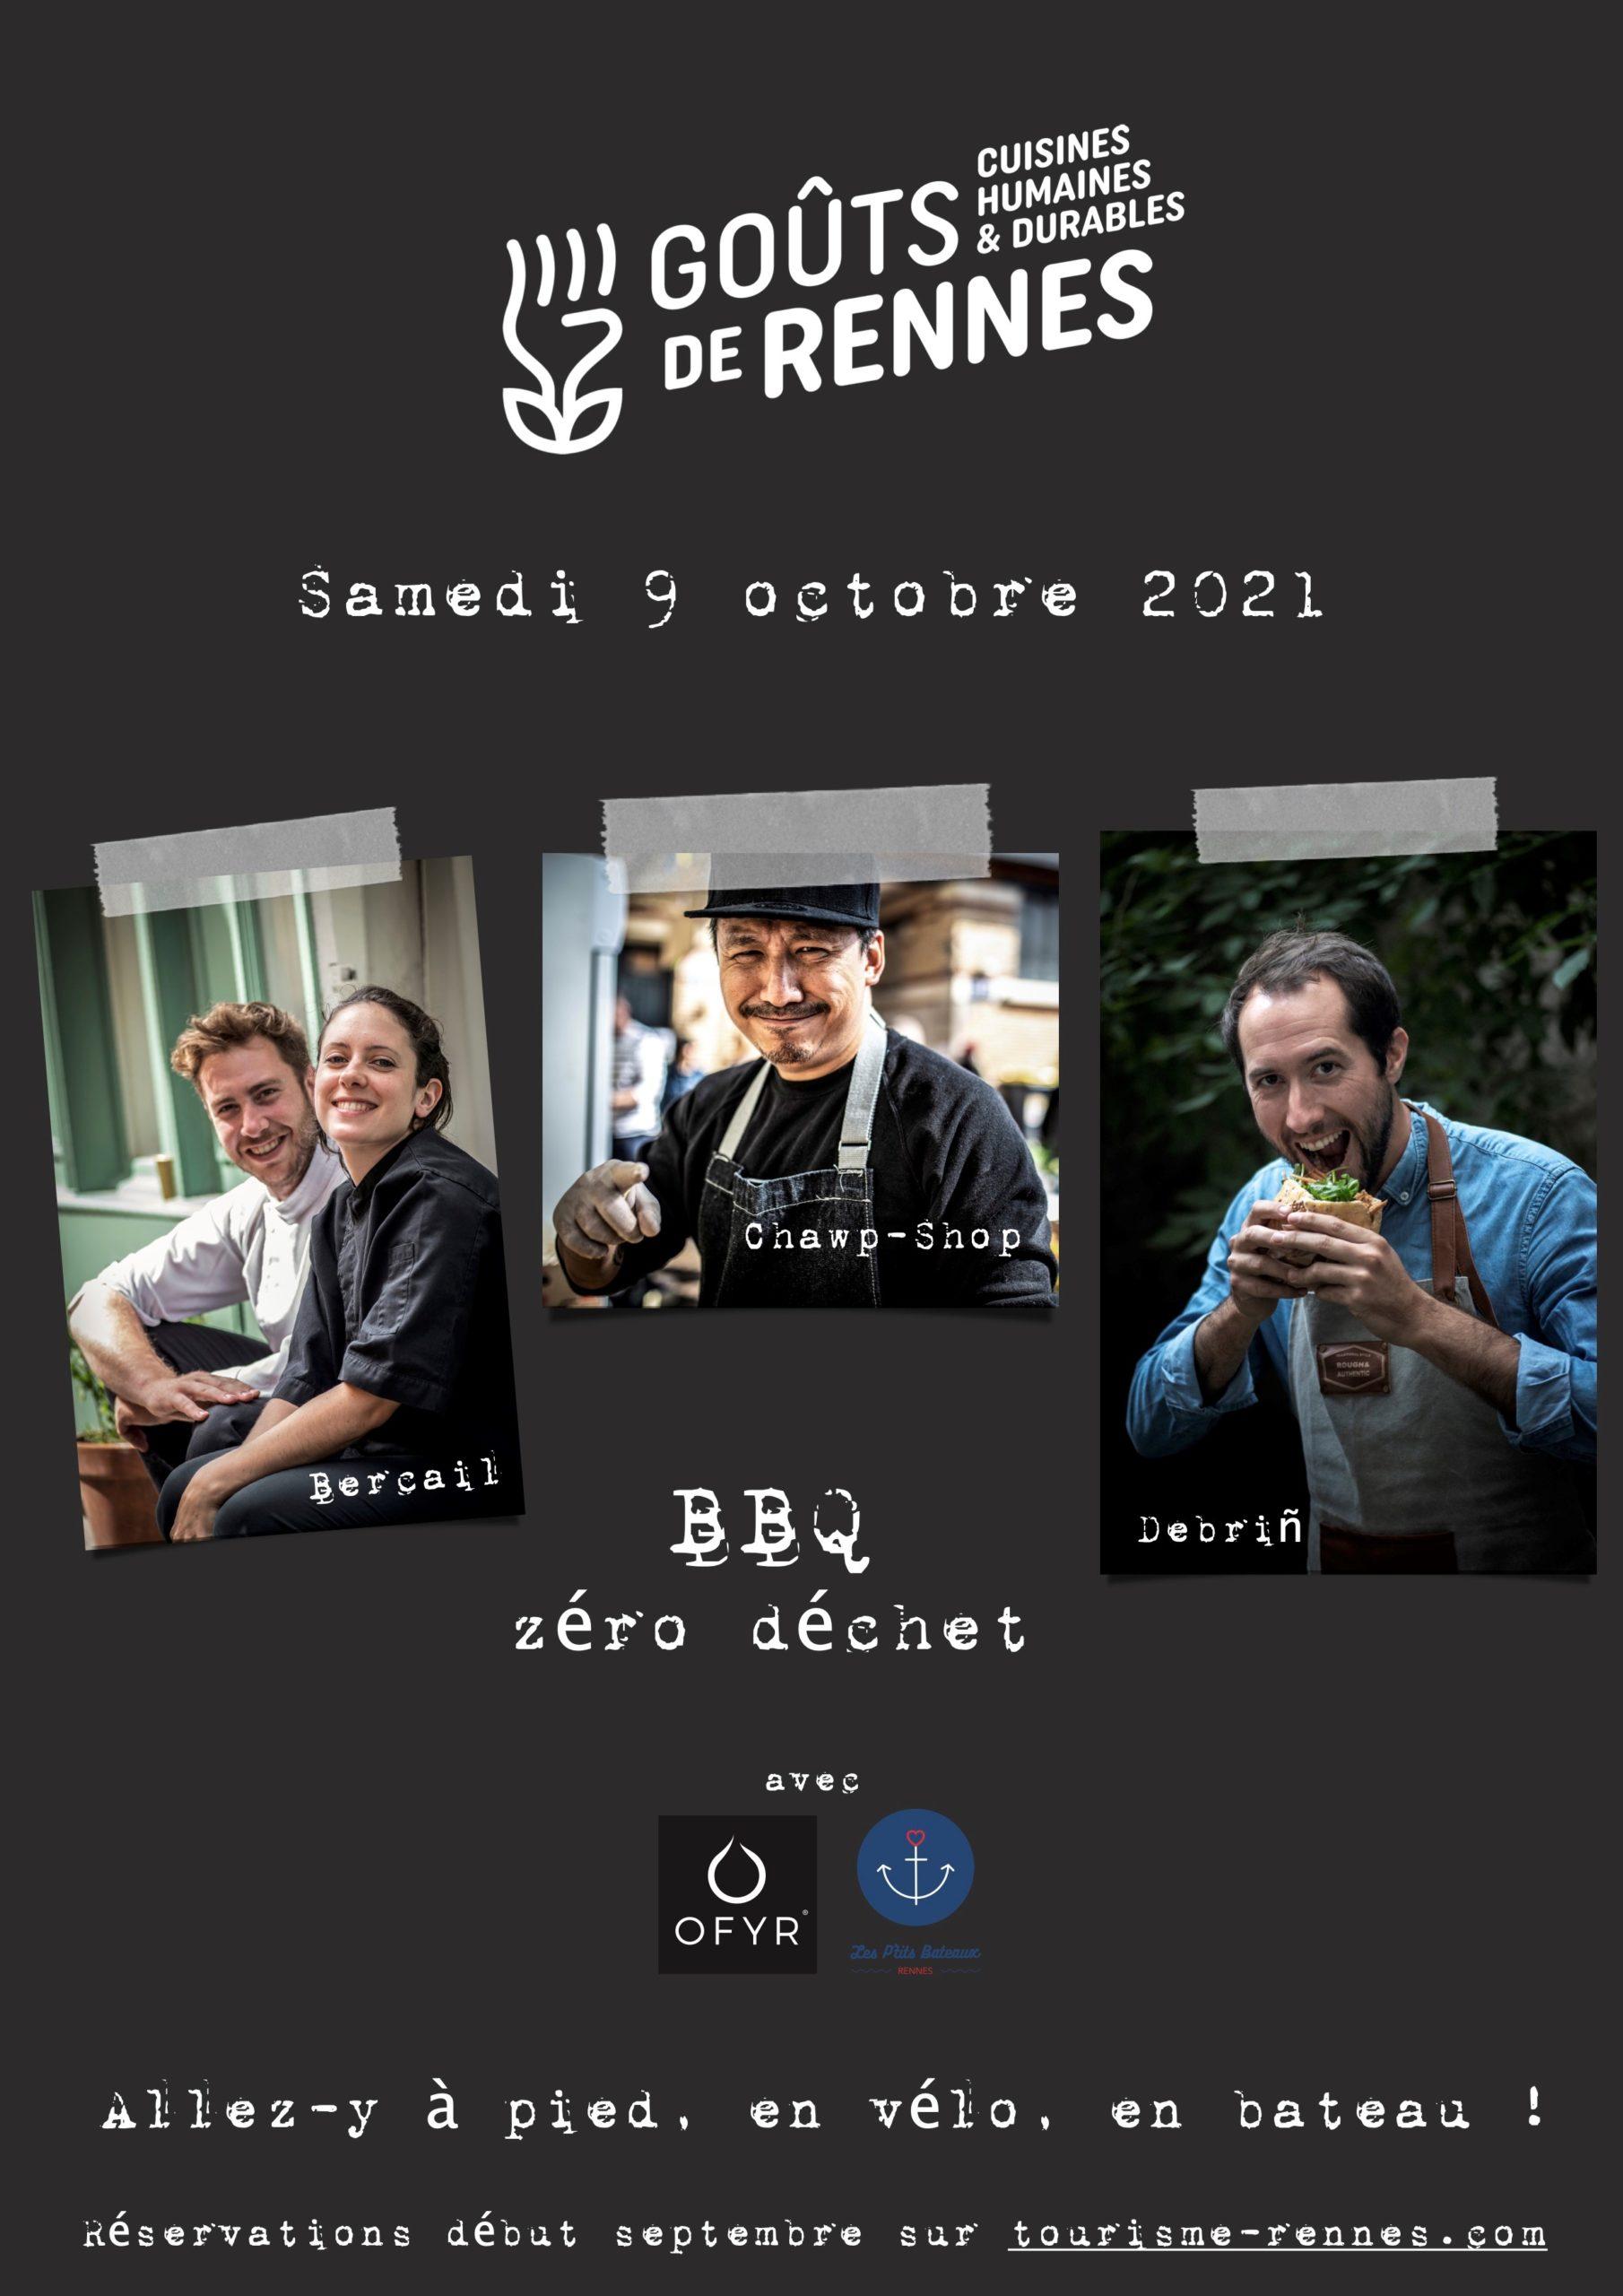 pique-nique-gouts-de-rennes-zero-dechet-11025